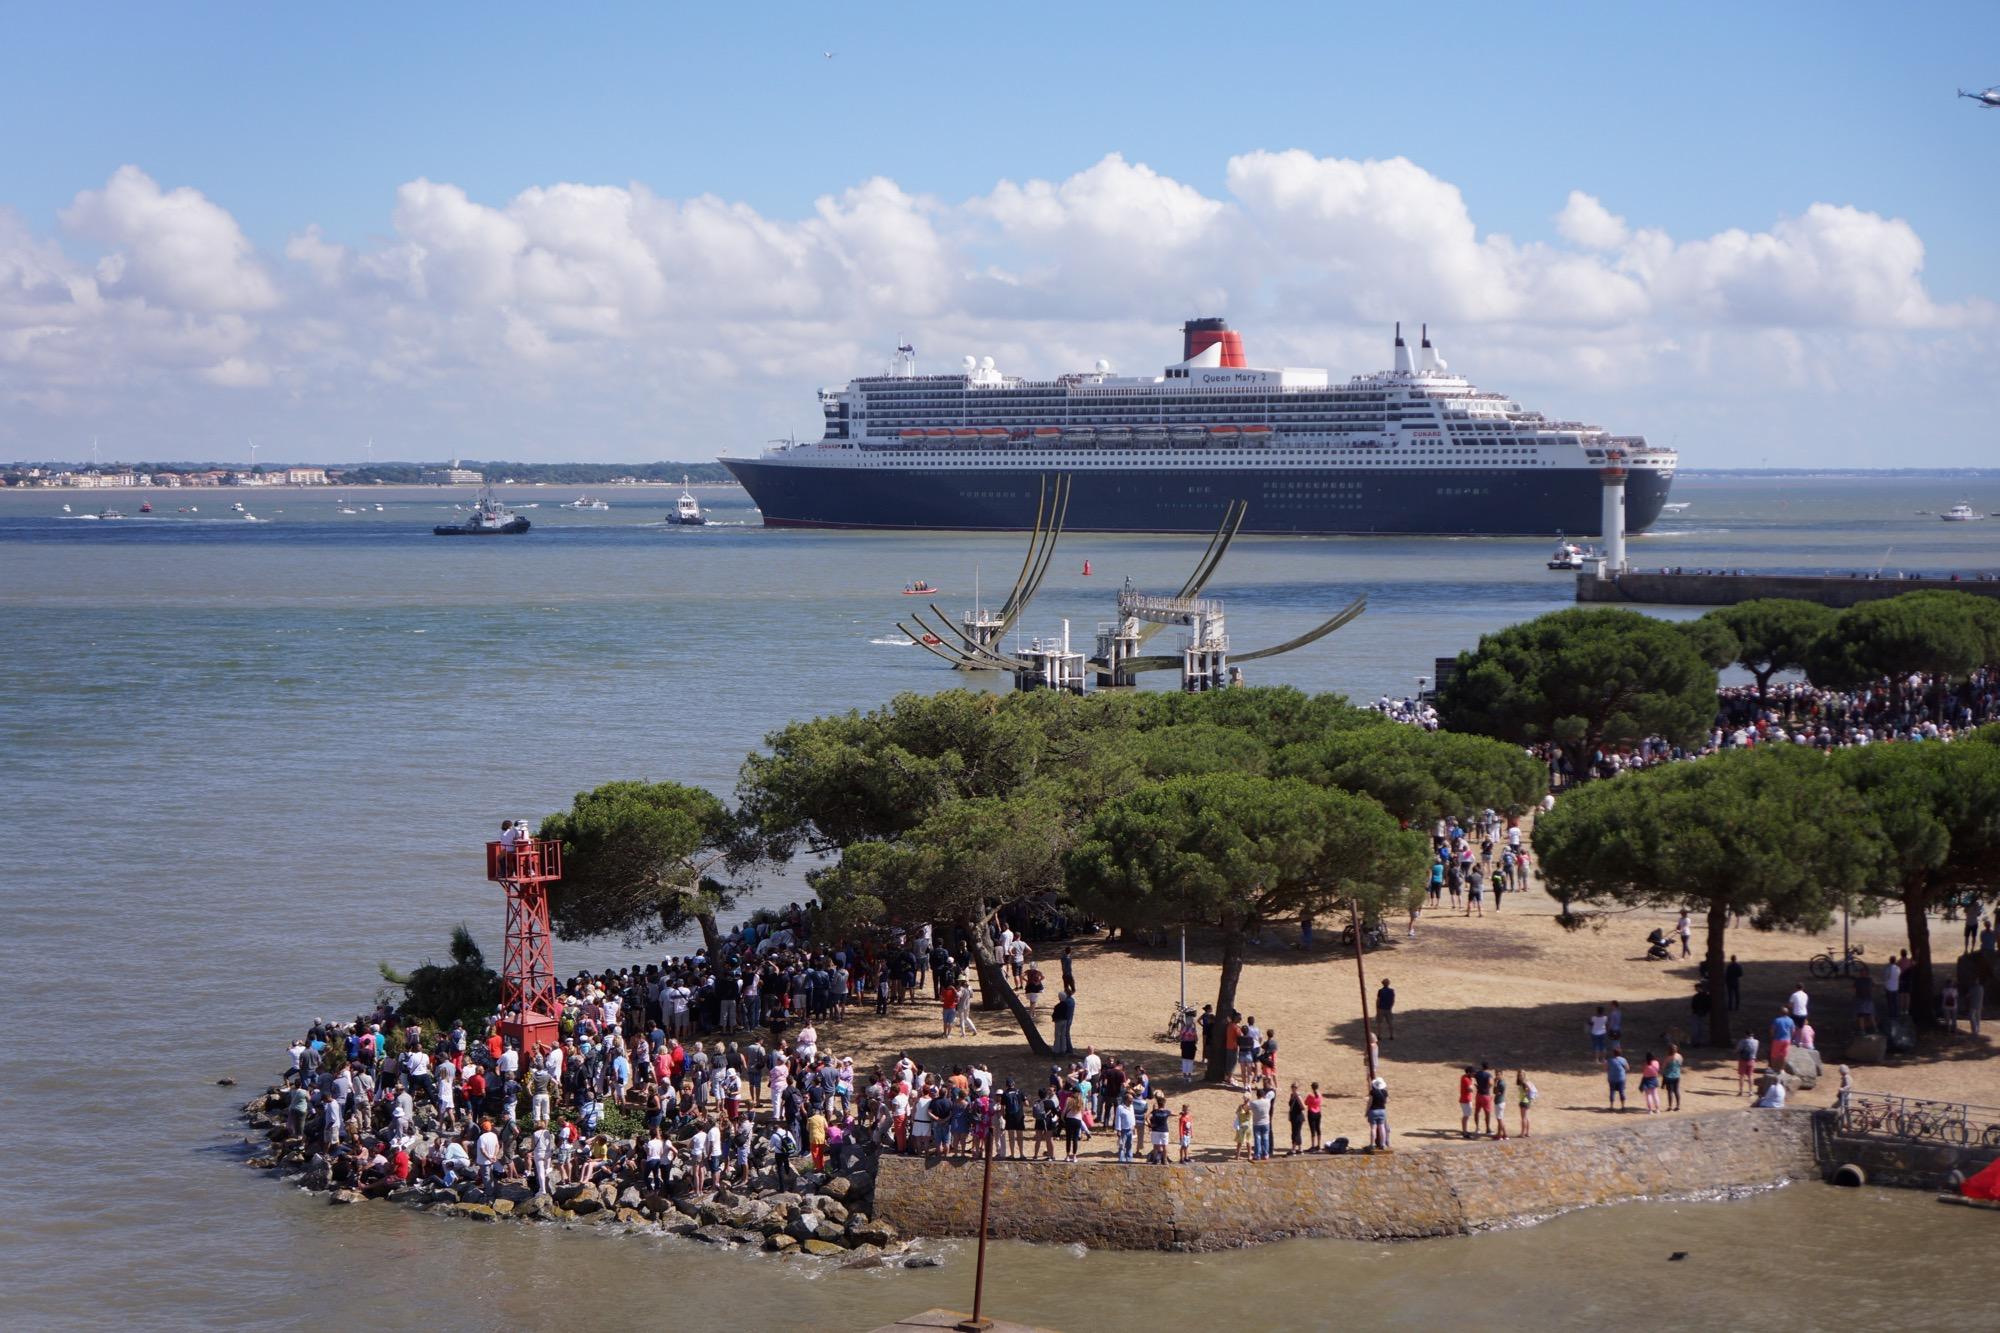 Le Queen Mary 2 arrive à Saint-Nazaire.